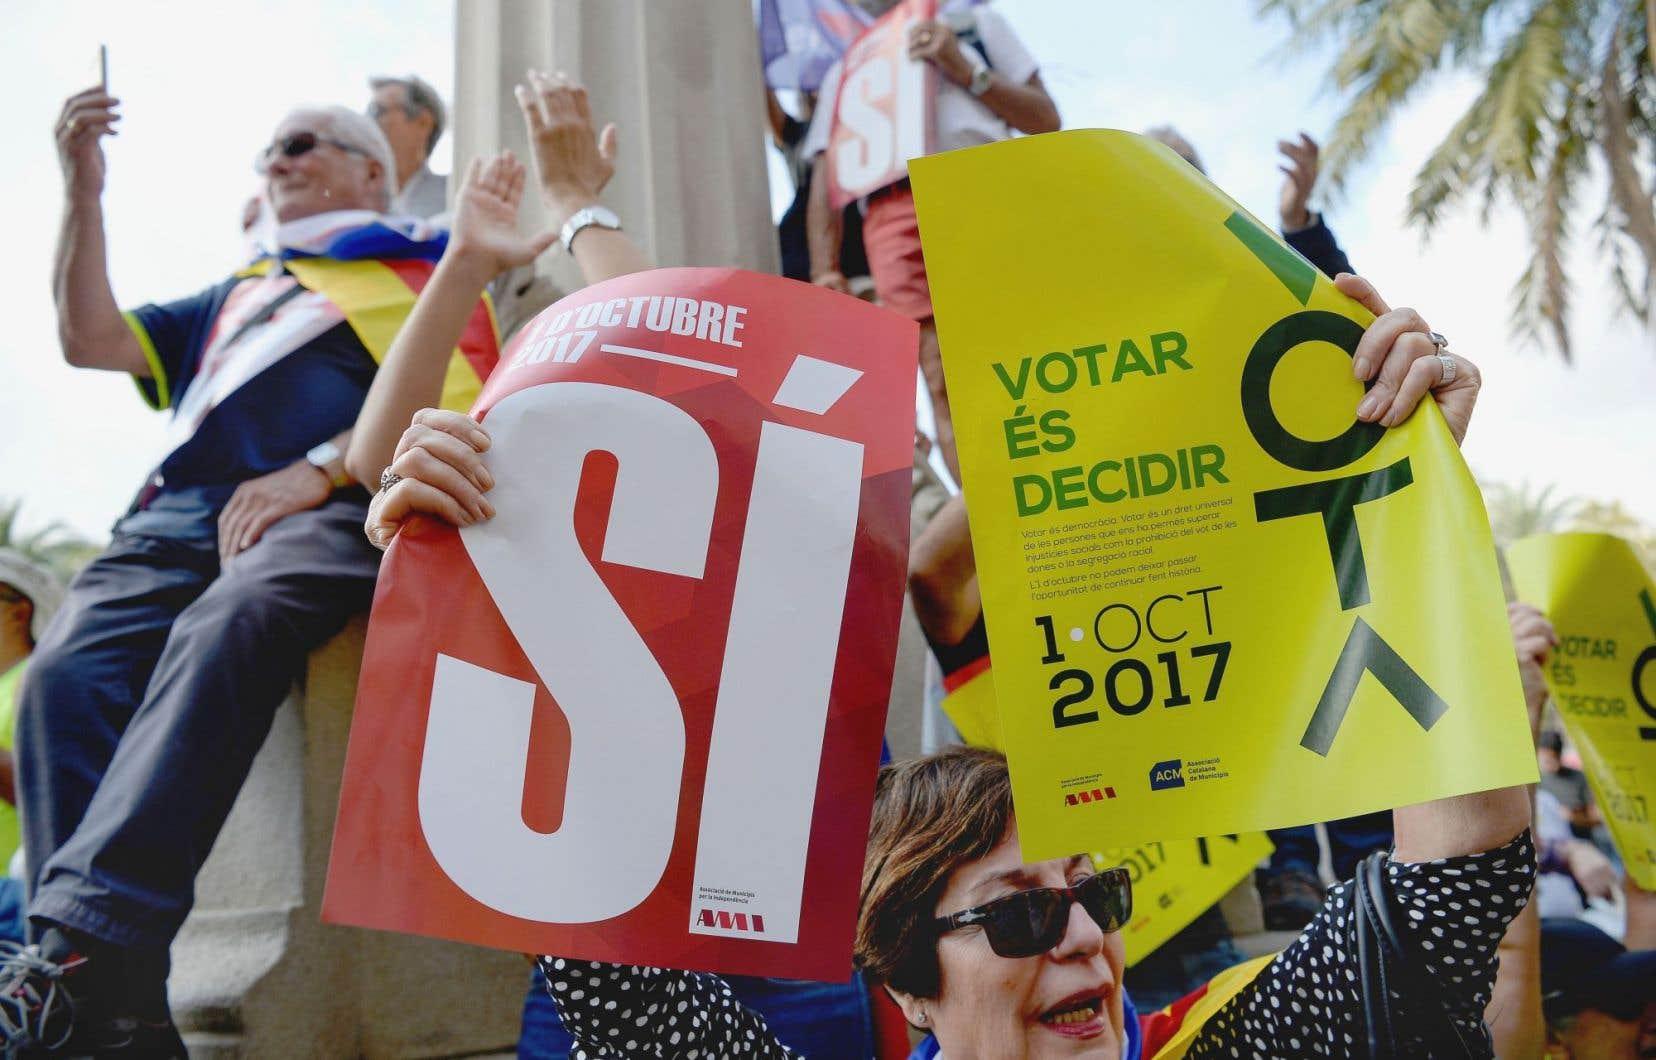 À Barcelone, une manifestante brandit une pancarte affirmant que «voter, c'est décider».